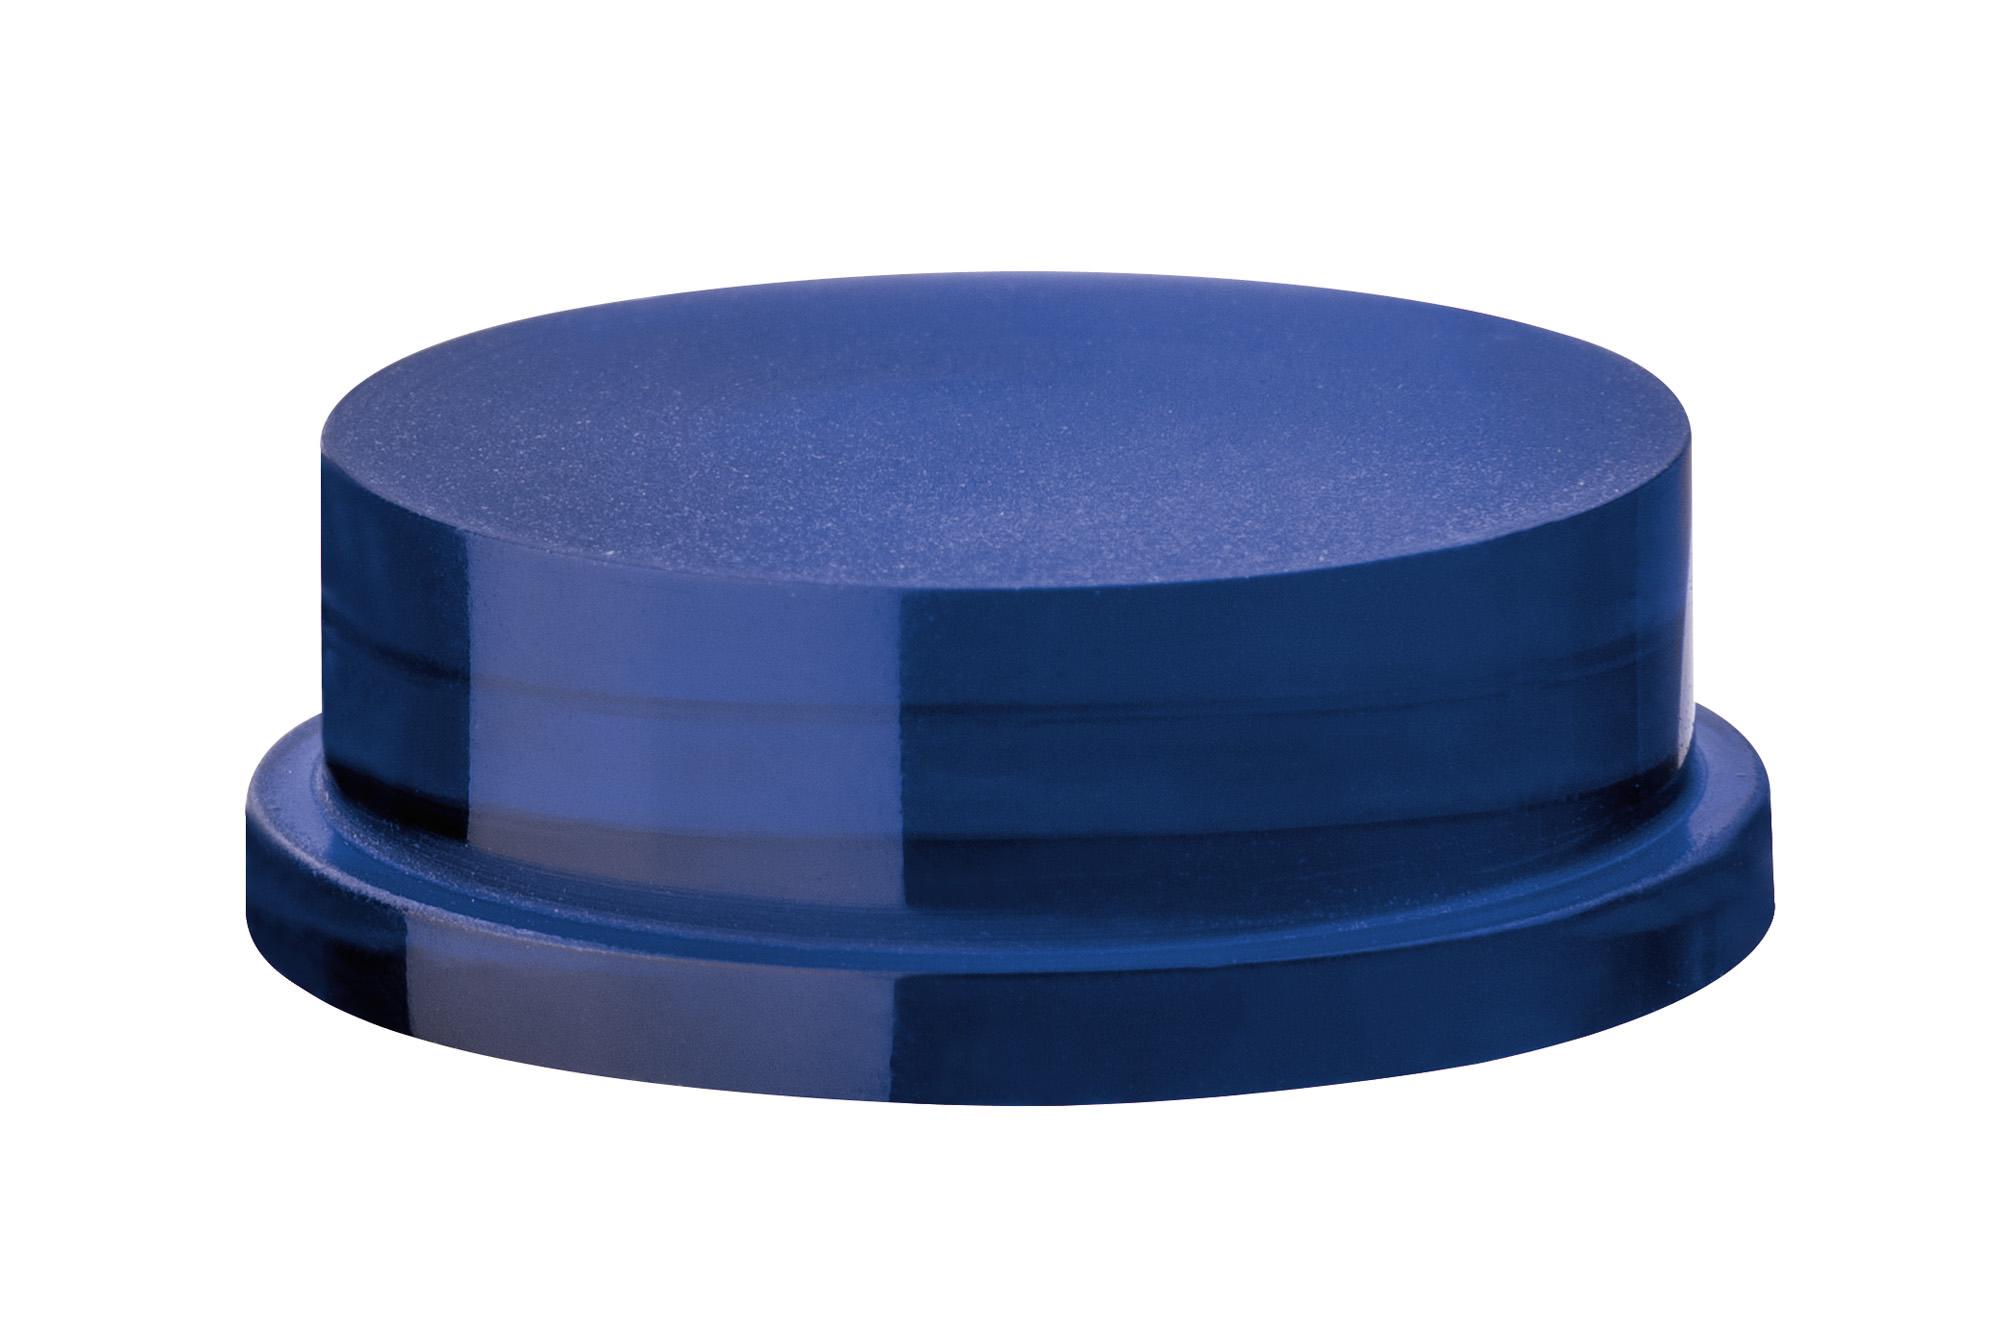 Paulmann. 93793 MiniPlus Boden Glas Blau